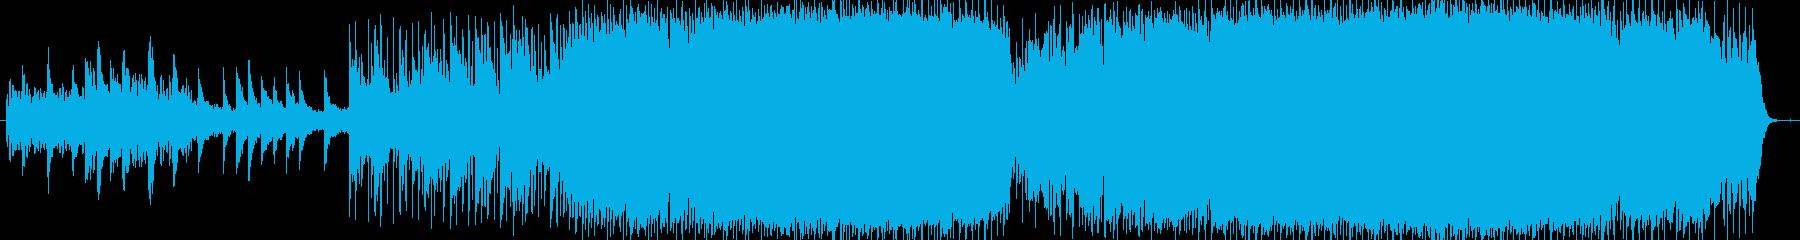 広大で宇宙的なシンセのメロディが特徴の曲の再生済みの波形